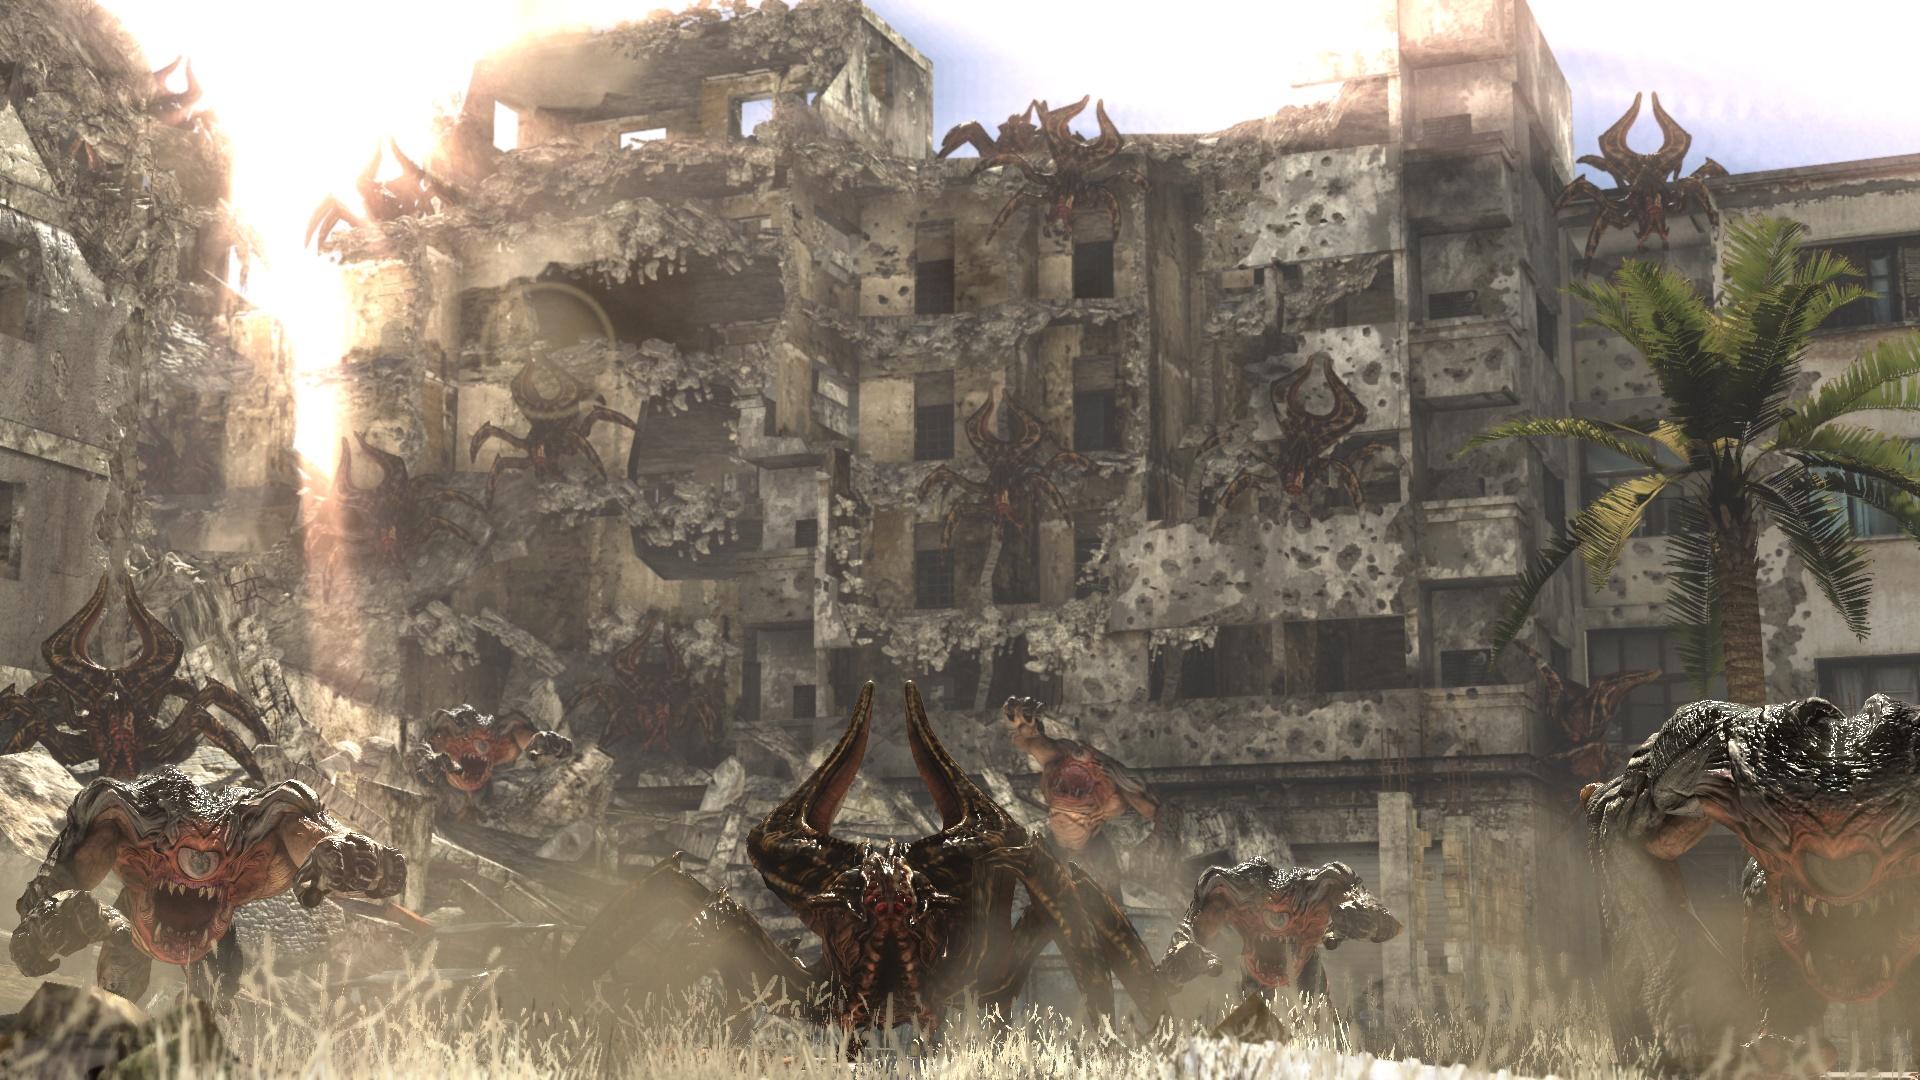 Скачать Serious Sam 3 / Крутой Сэм 3 (2011) Repack торрент без